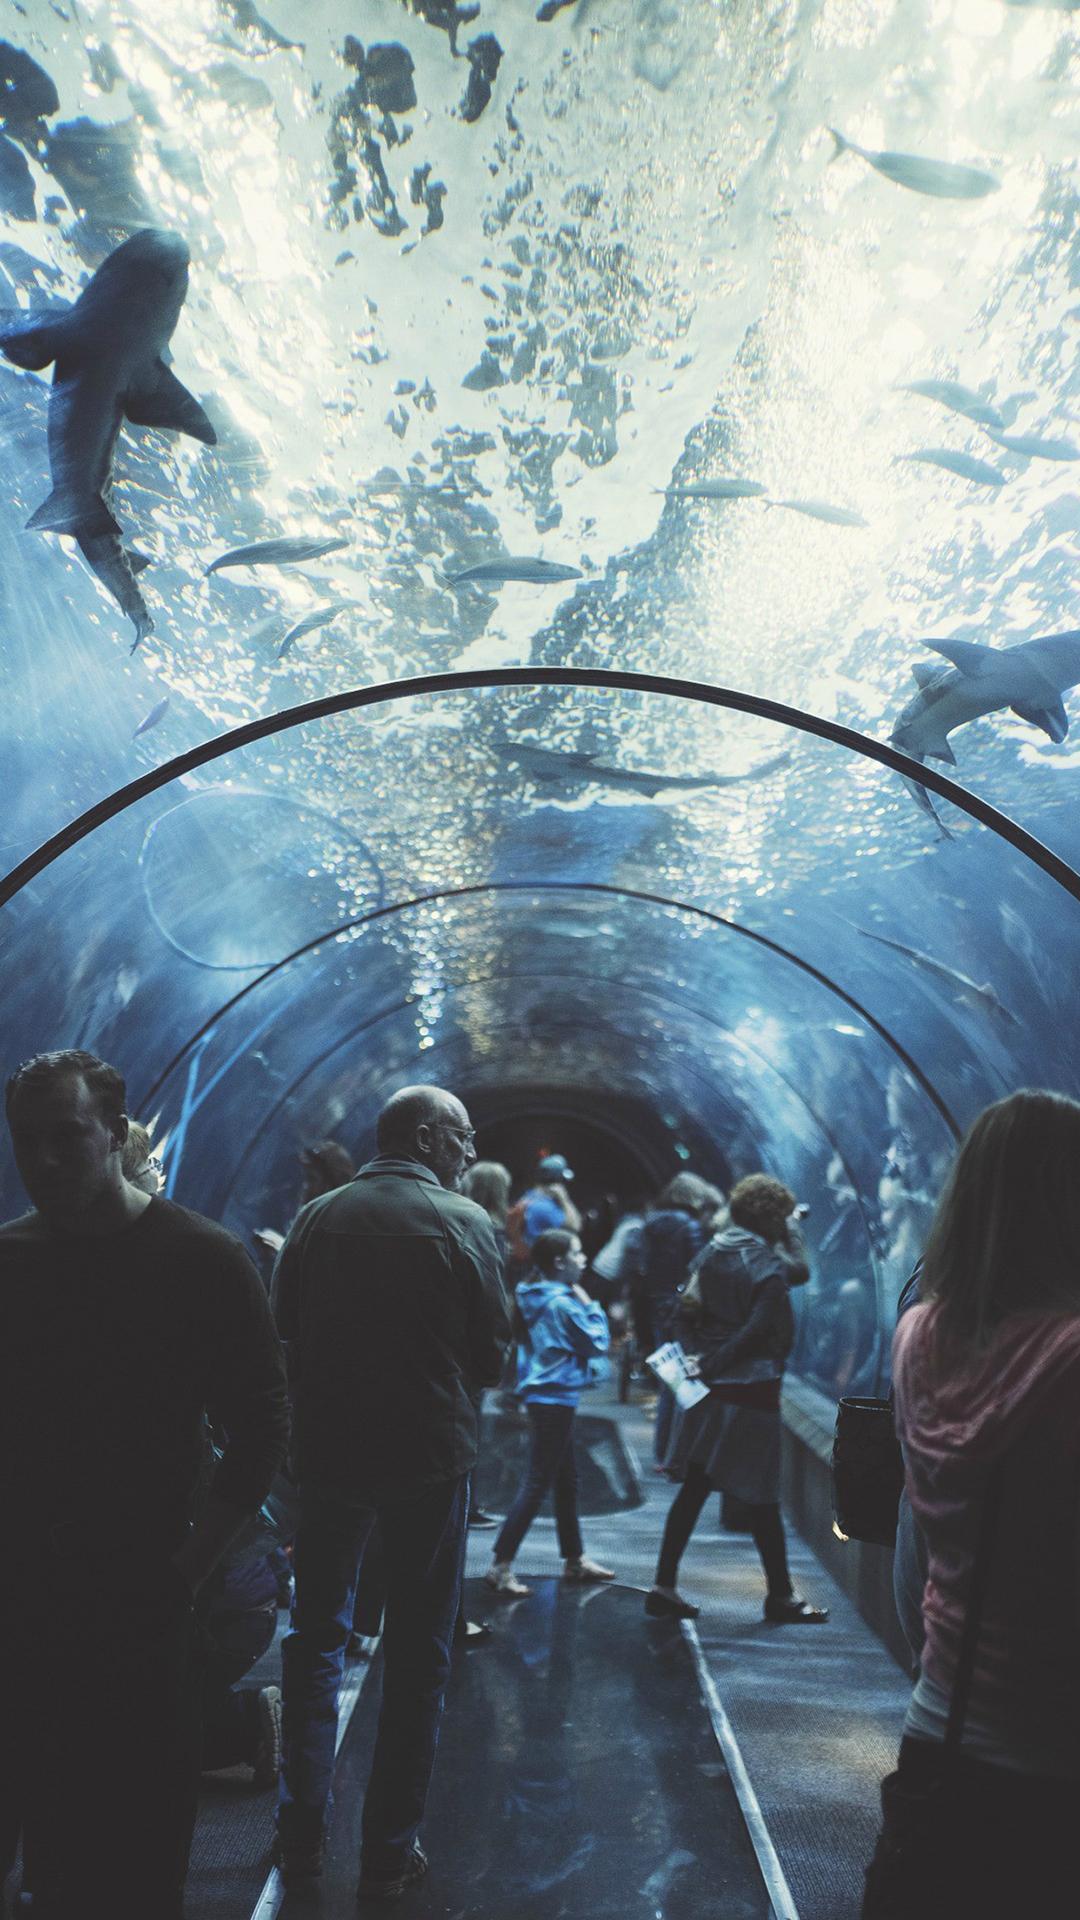 海底隧道 风景 海洋 海洋馆 苹果手机高清壁纸 1080x